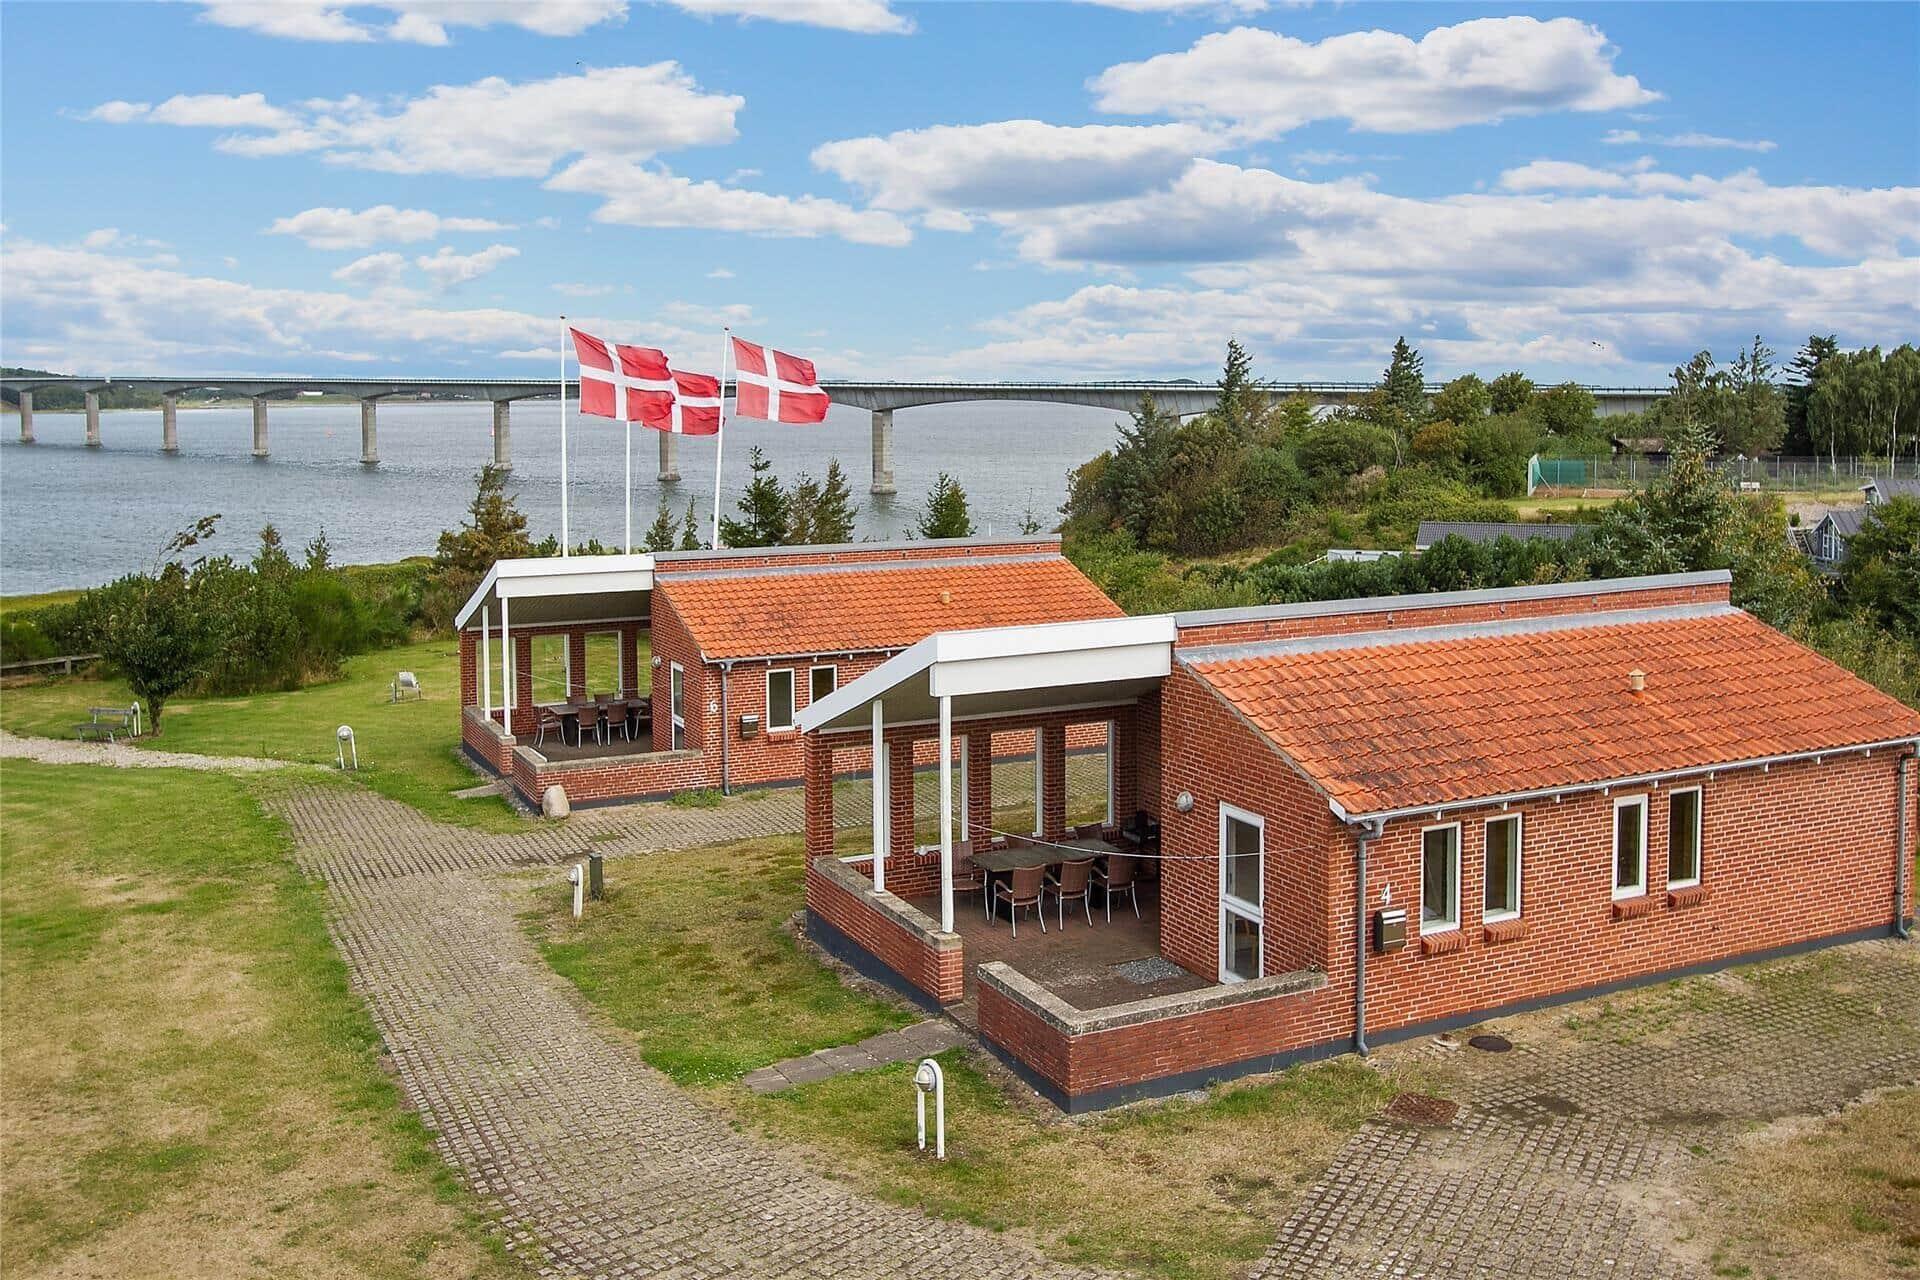 Billede 1-3 Sommerhus L14205, Skrænten 1, DK - 7870 Roslev